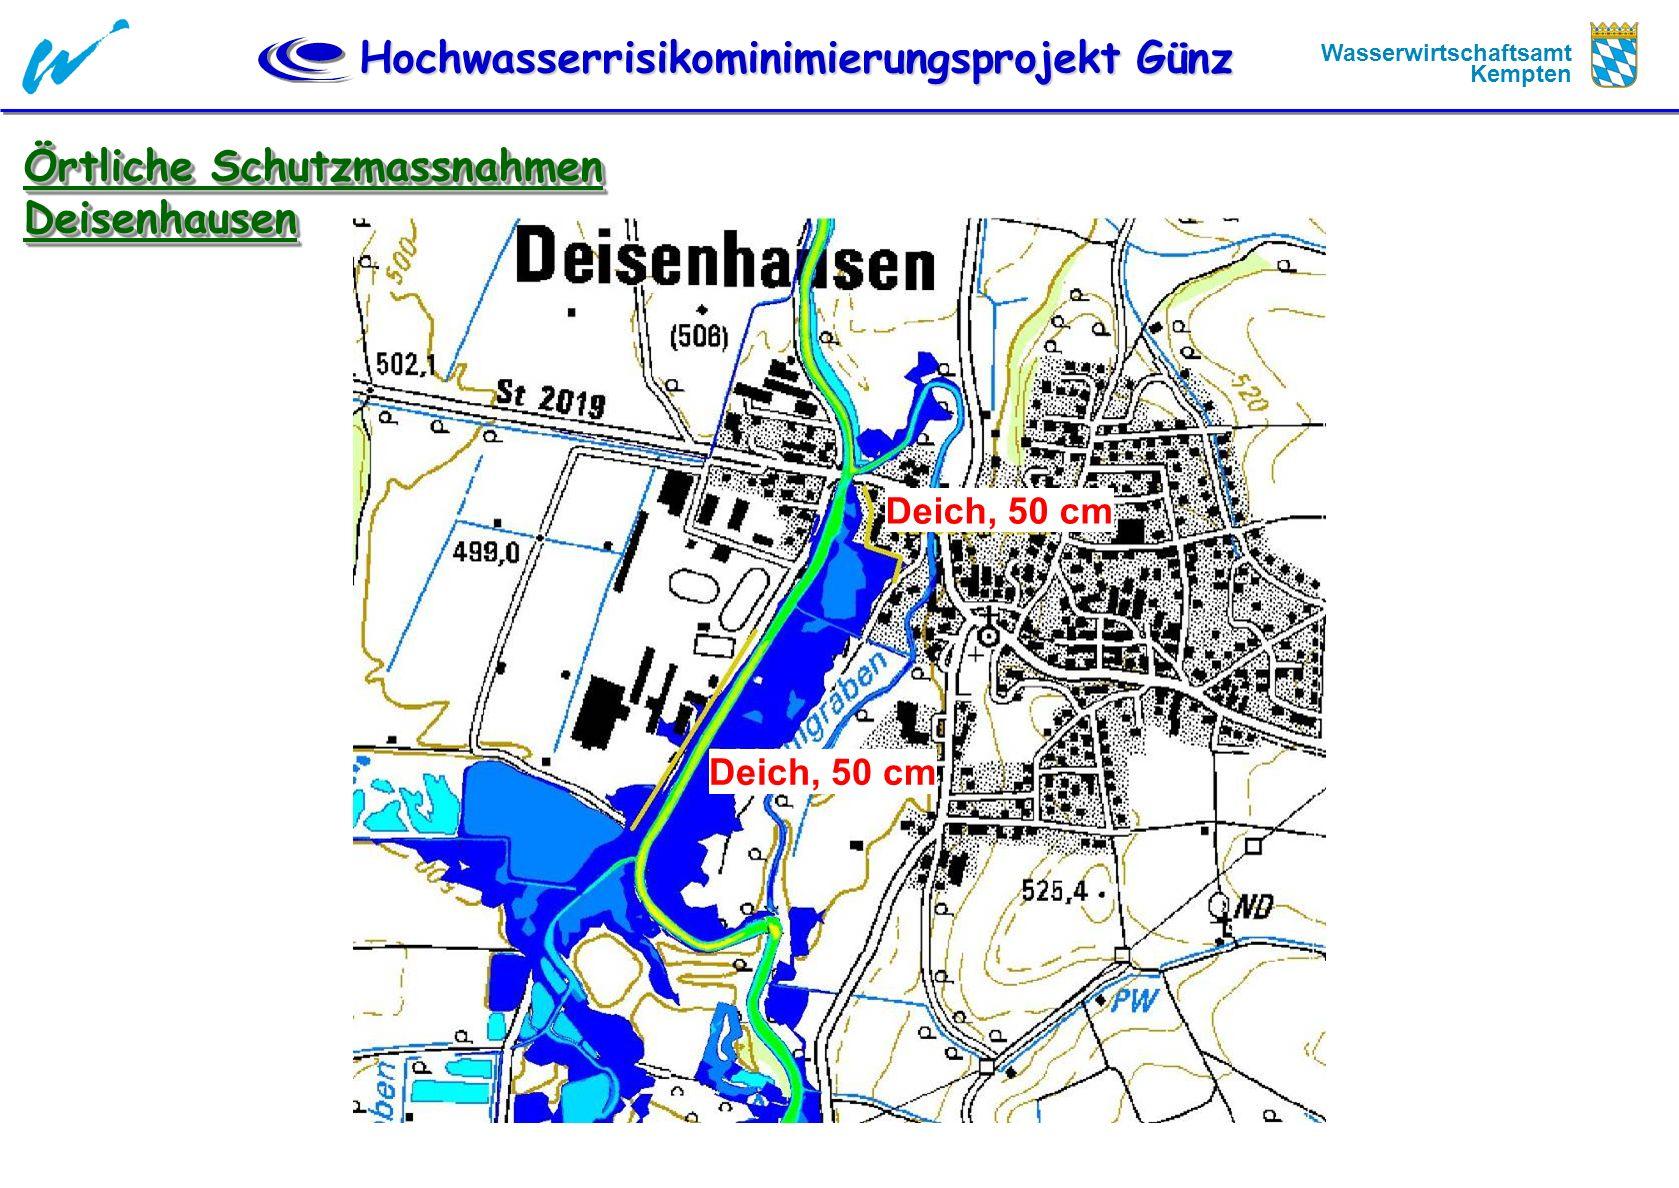 Örtliche Schutzmassnahmen Deisenhausen